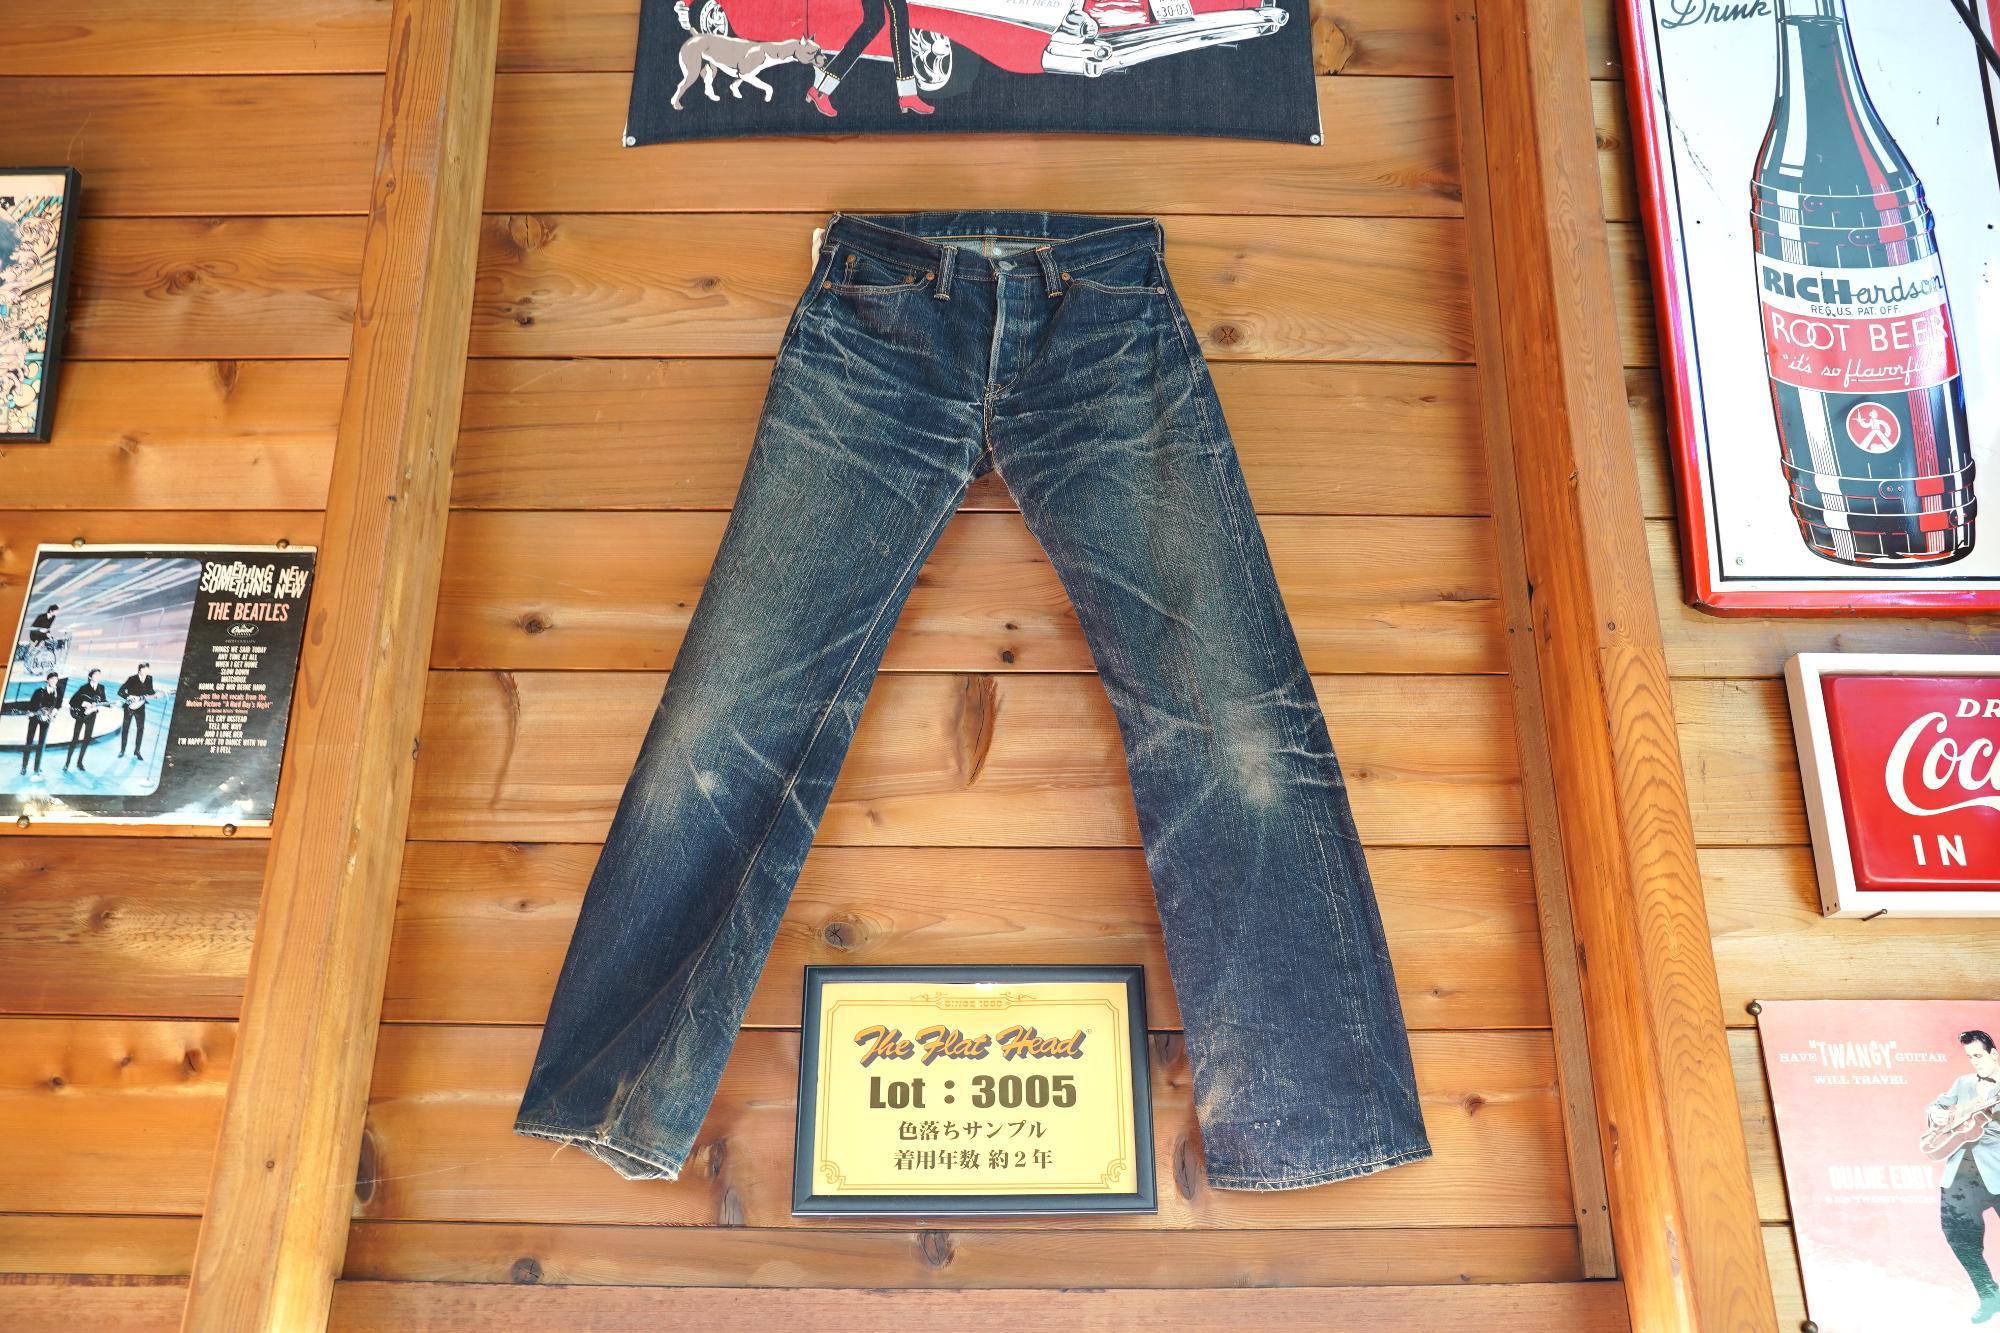 「グーギーズカフェ」店内には「フラットヘッド」のフラッグシップジーンズである「3005」が飾られていました。このジーンズの色落ち具合や味わいが古着ファンやジーンズ好きにはたまらないのです